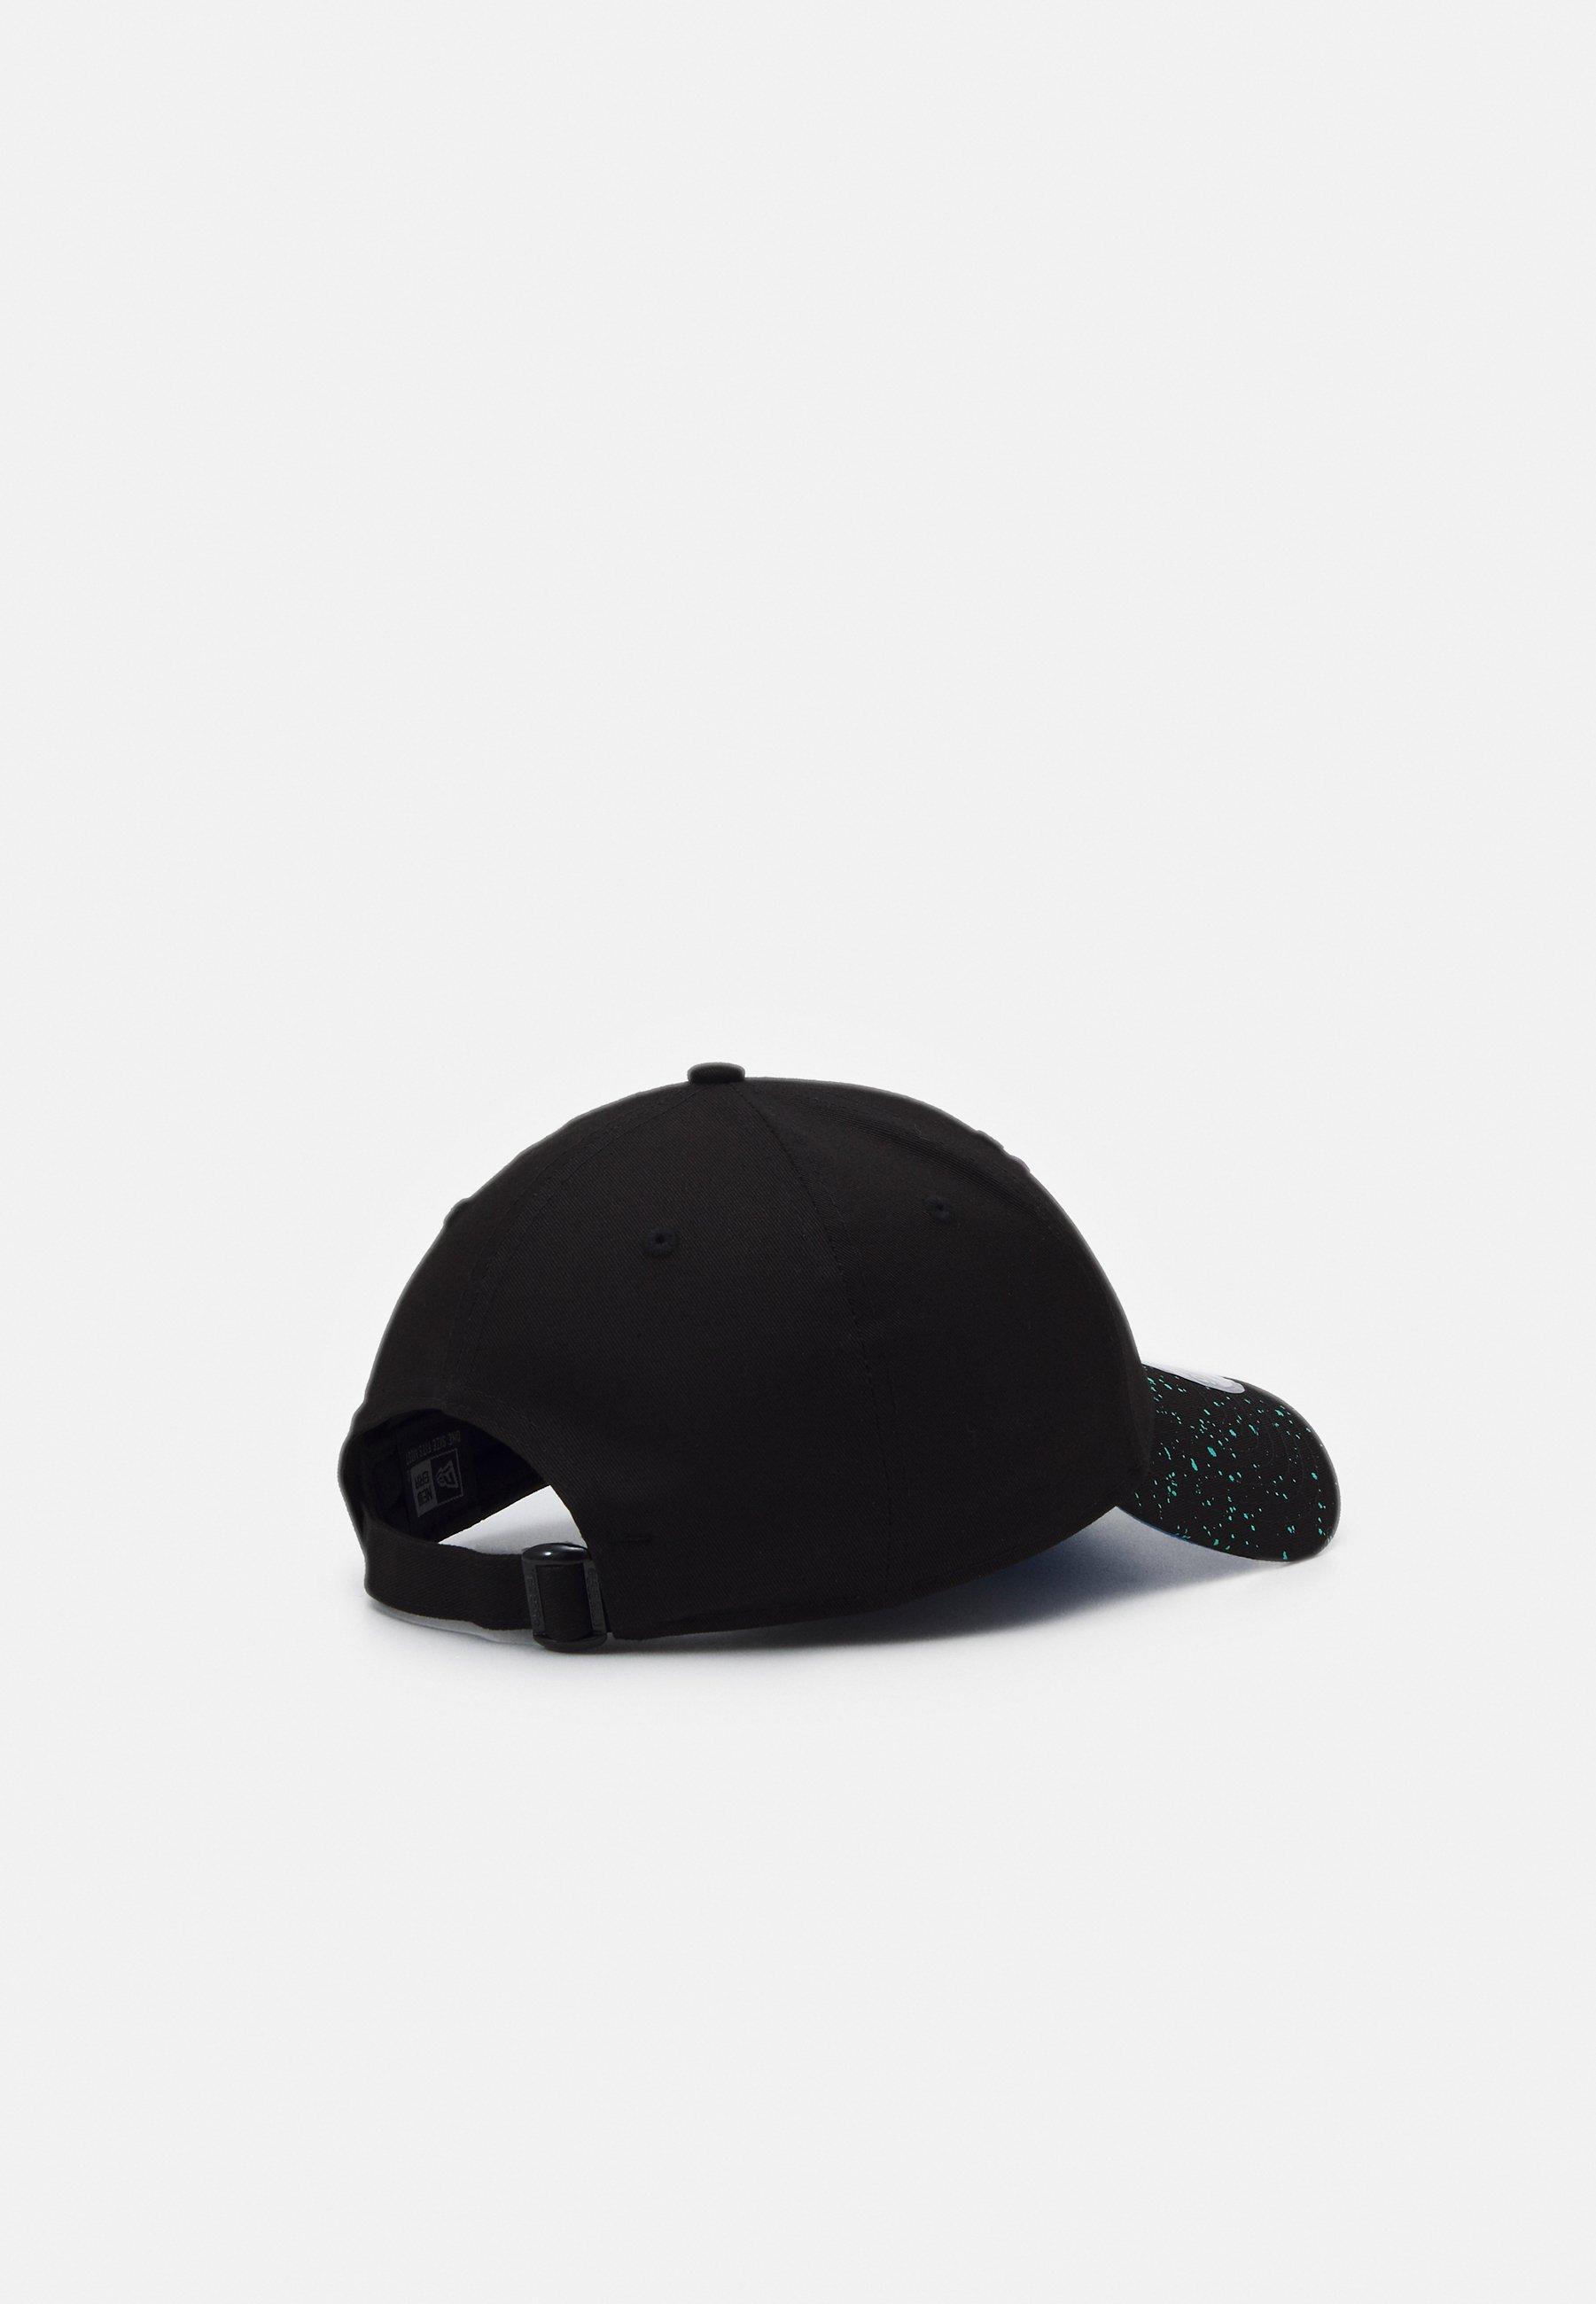 New Era Space Losdod - Cap Black/schwarz